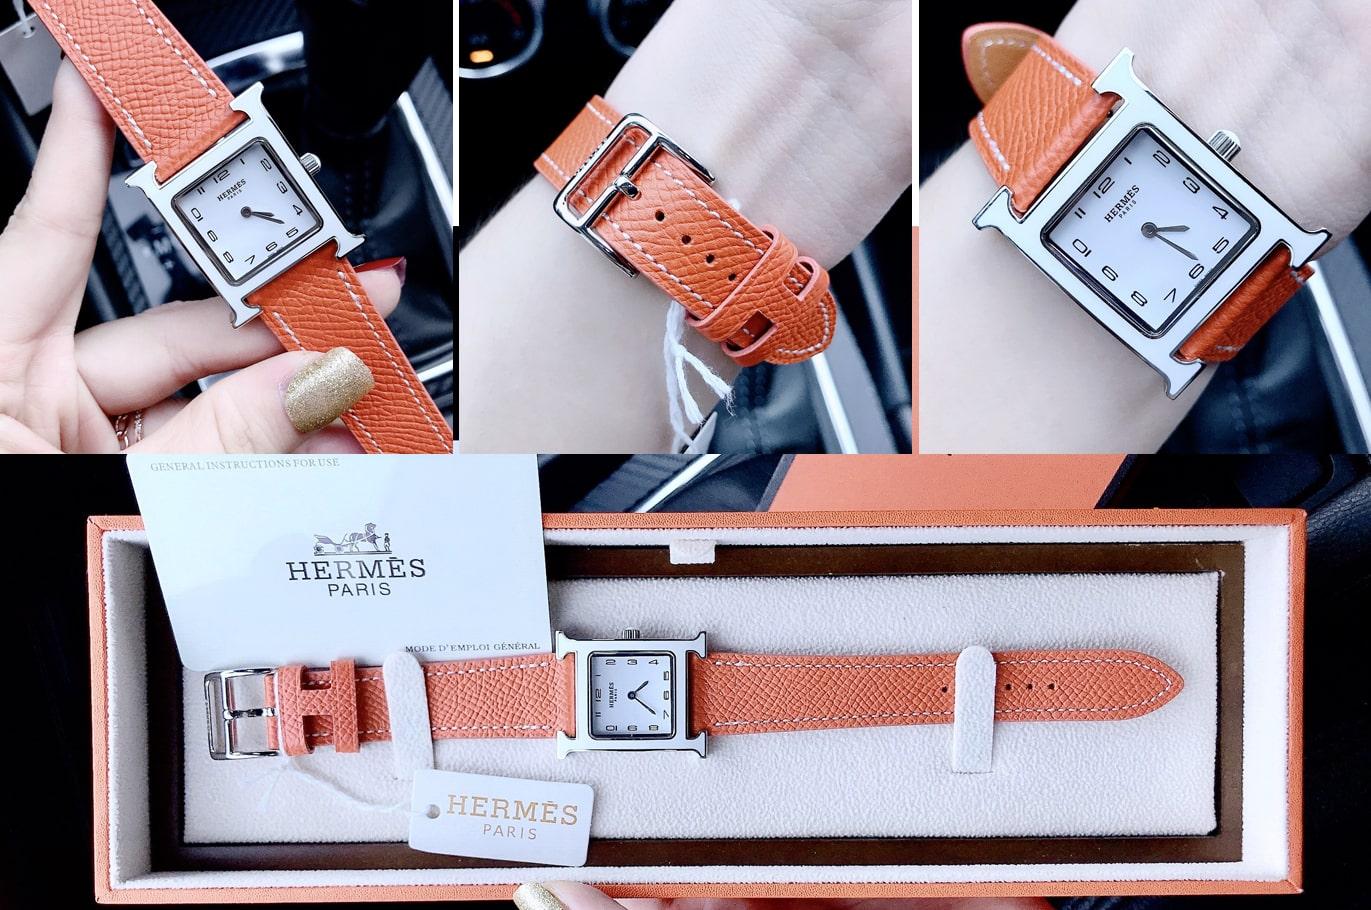 Hinh-anh-thuc-te-Sieu-pham-Hermes-ma-13450